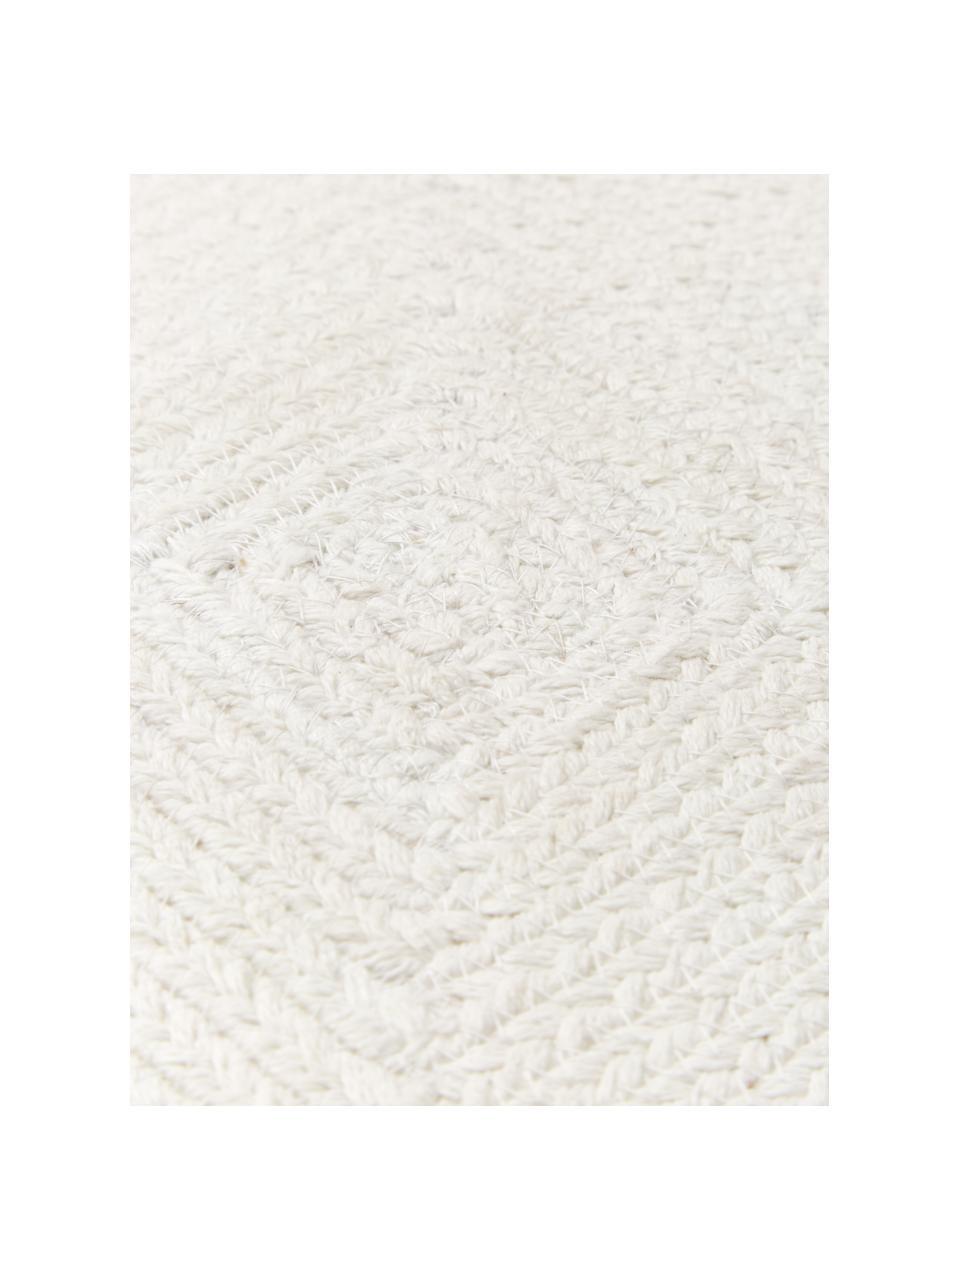 Poszewka na poduszkę Justina, 100% bawełna, Kremowobiały, S 45 x D 45 cm